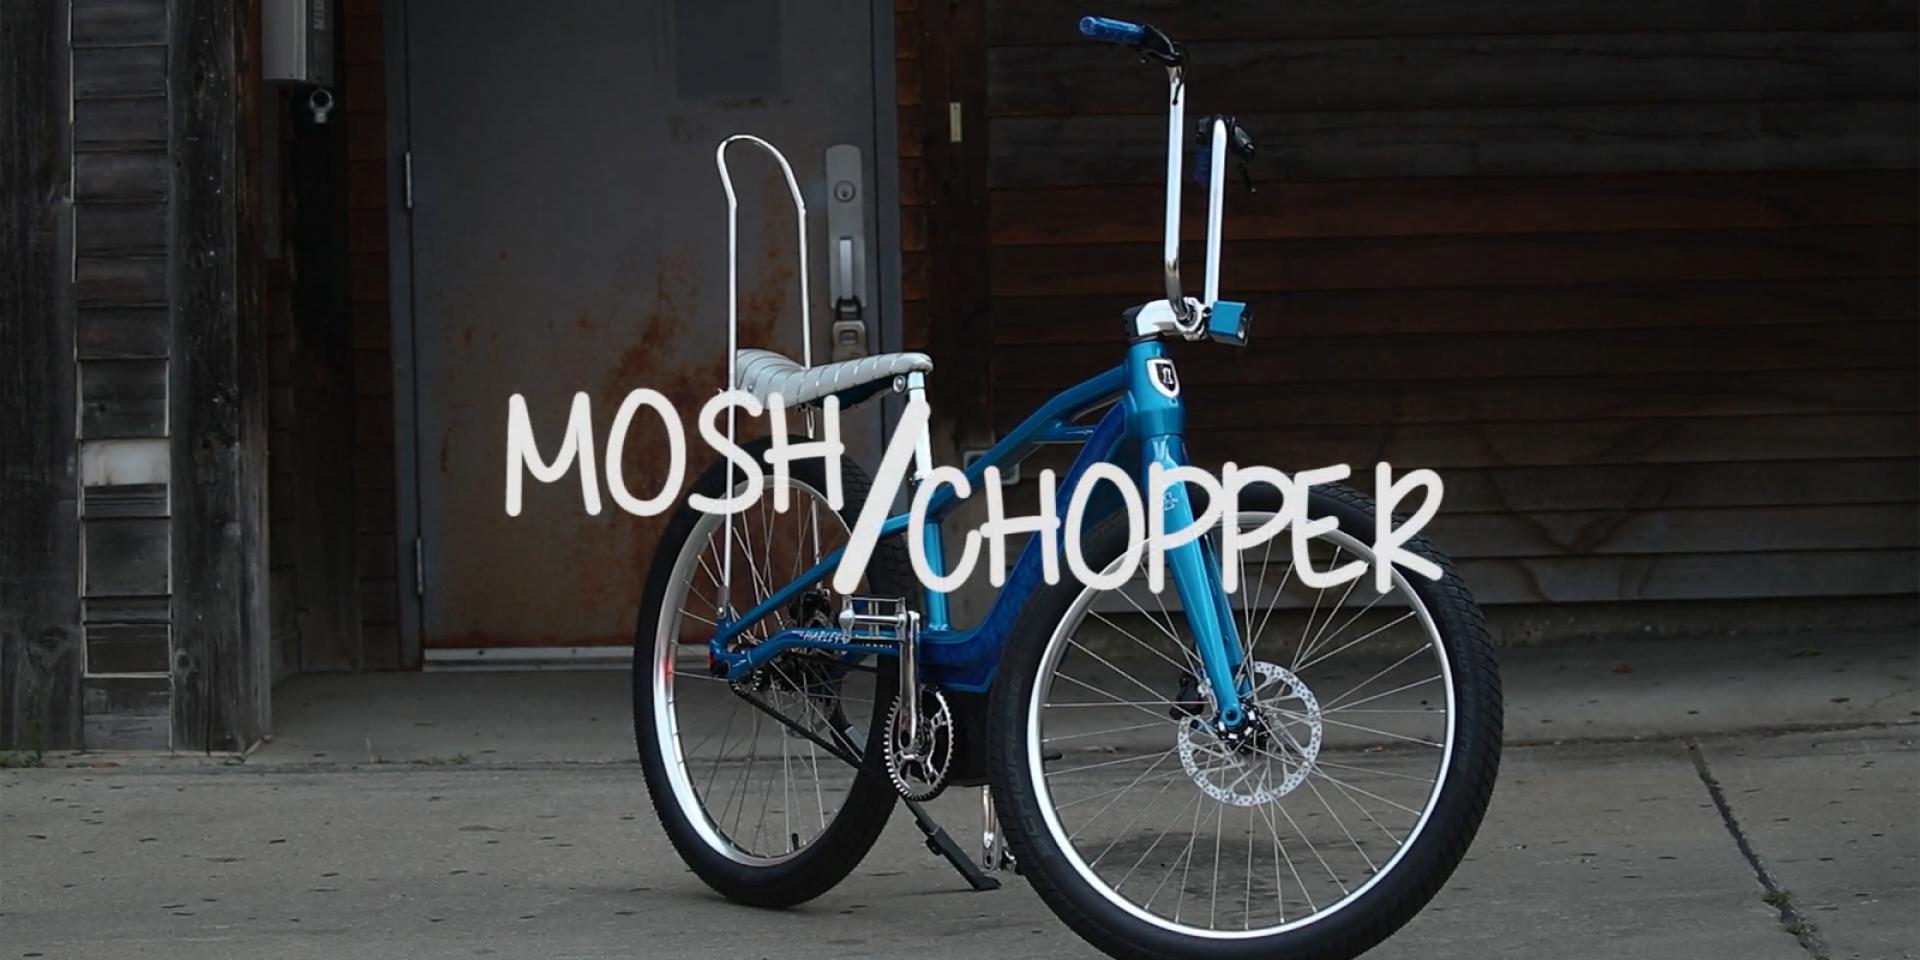 高把、硬尾嬉皮風!Serial 1 MOSH/CHOPPER 限量一台競標中